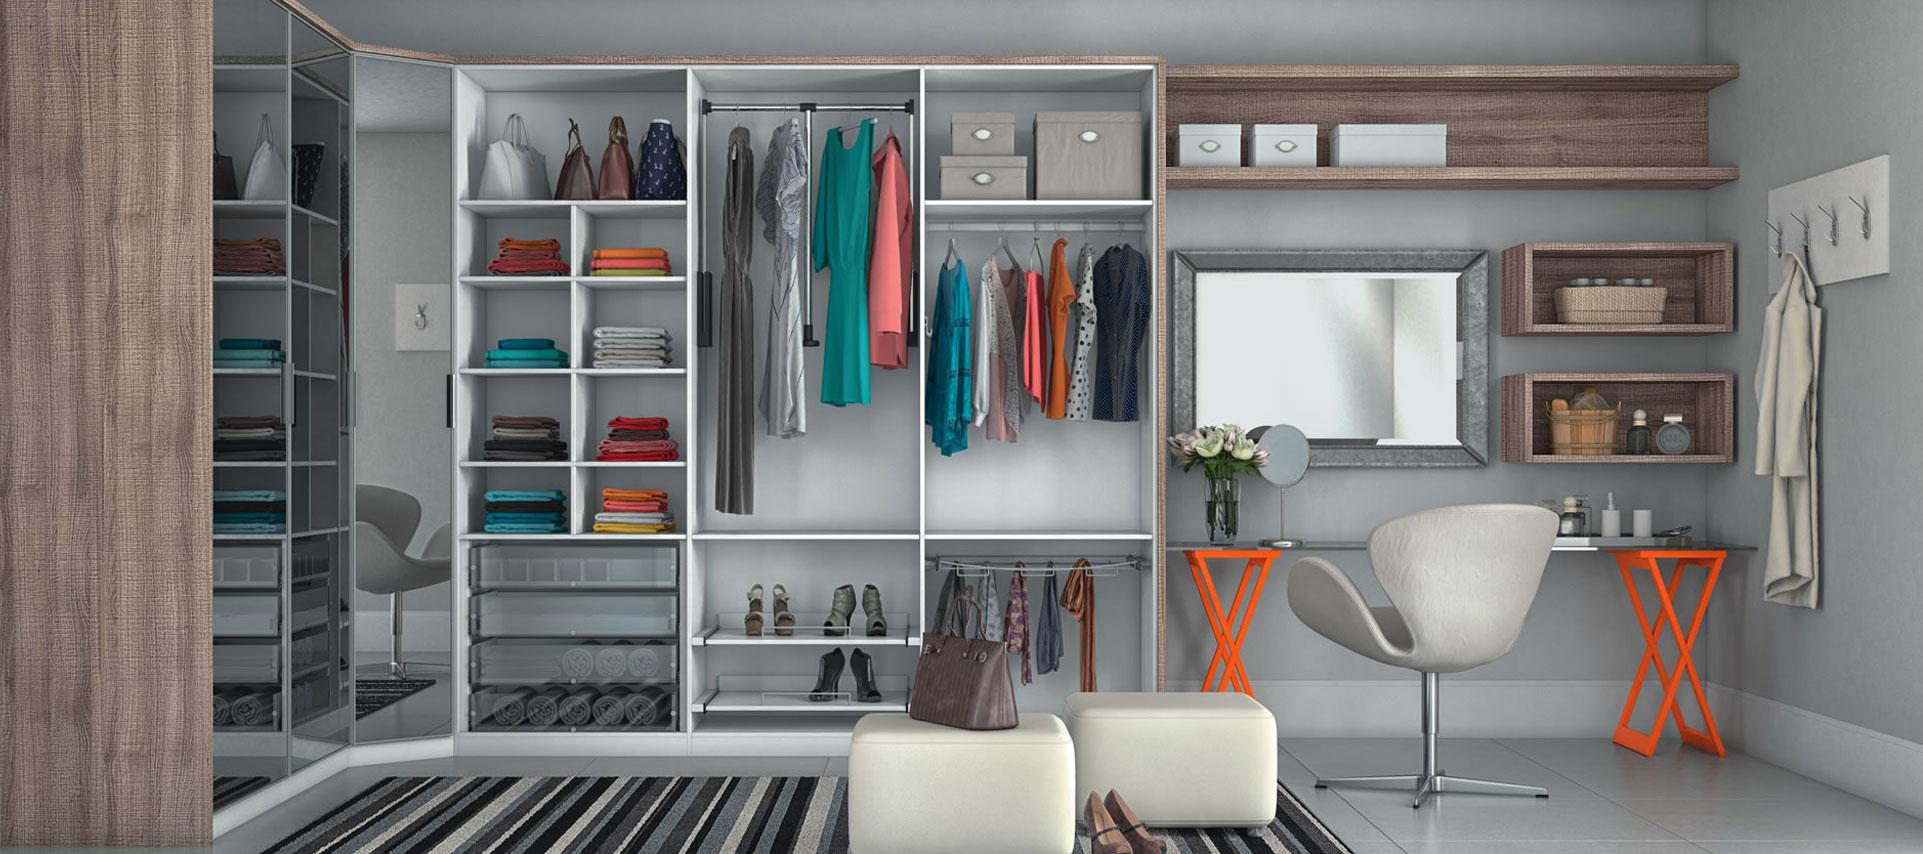 http://www.decor8planejados.com.br/wp-content/uploads/2016/03/closet-moveis-planejados-curitiba-2.jpg